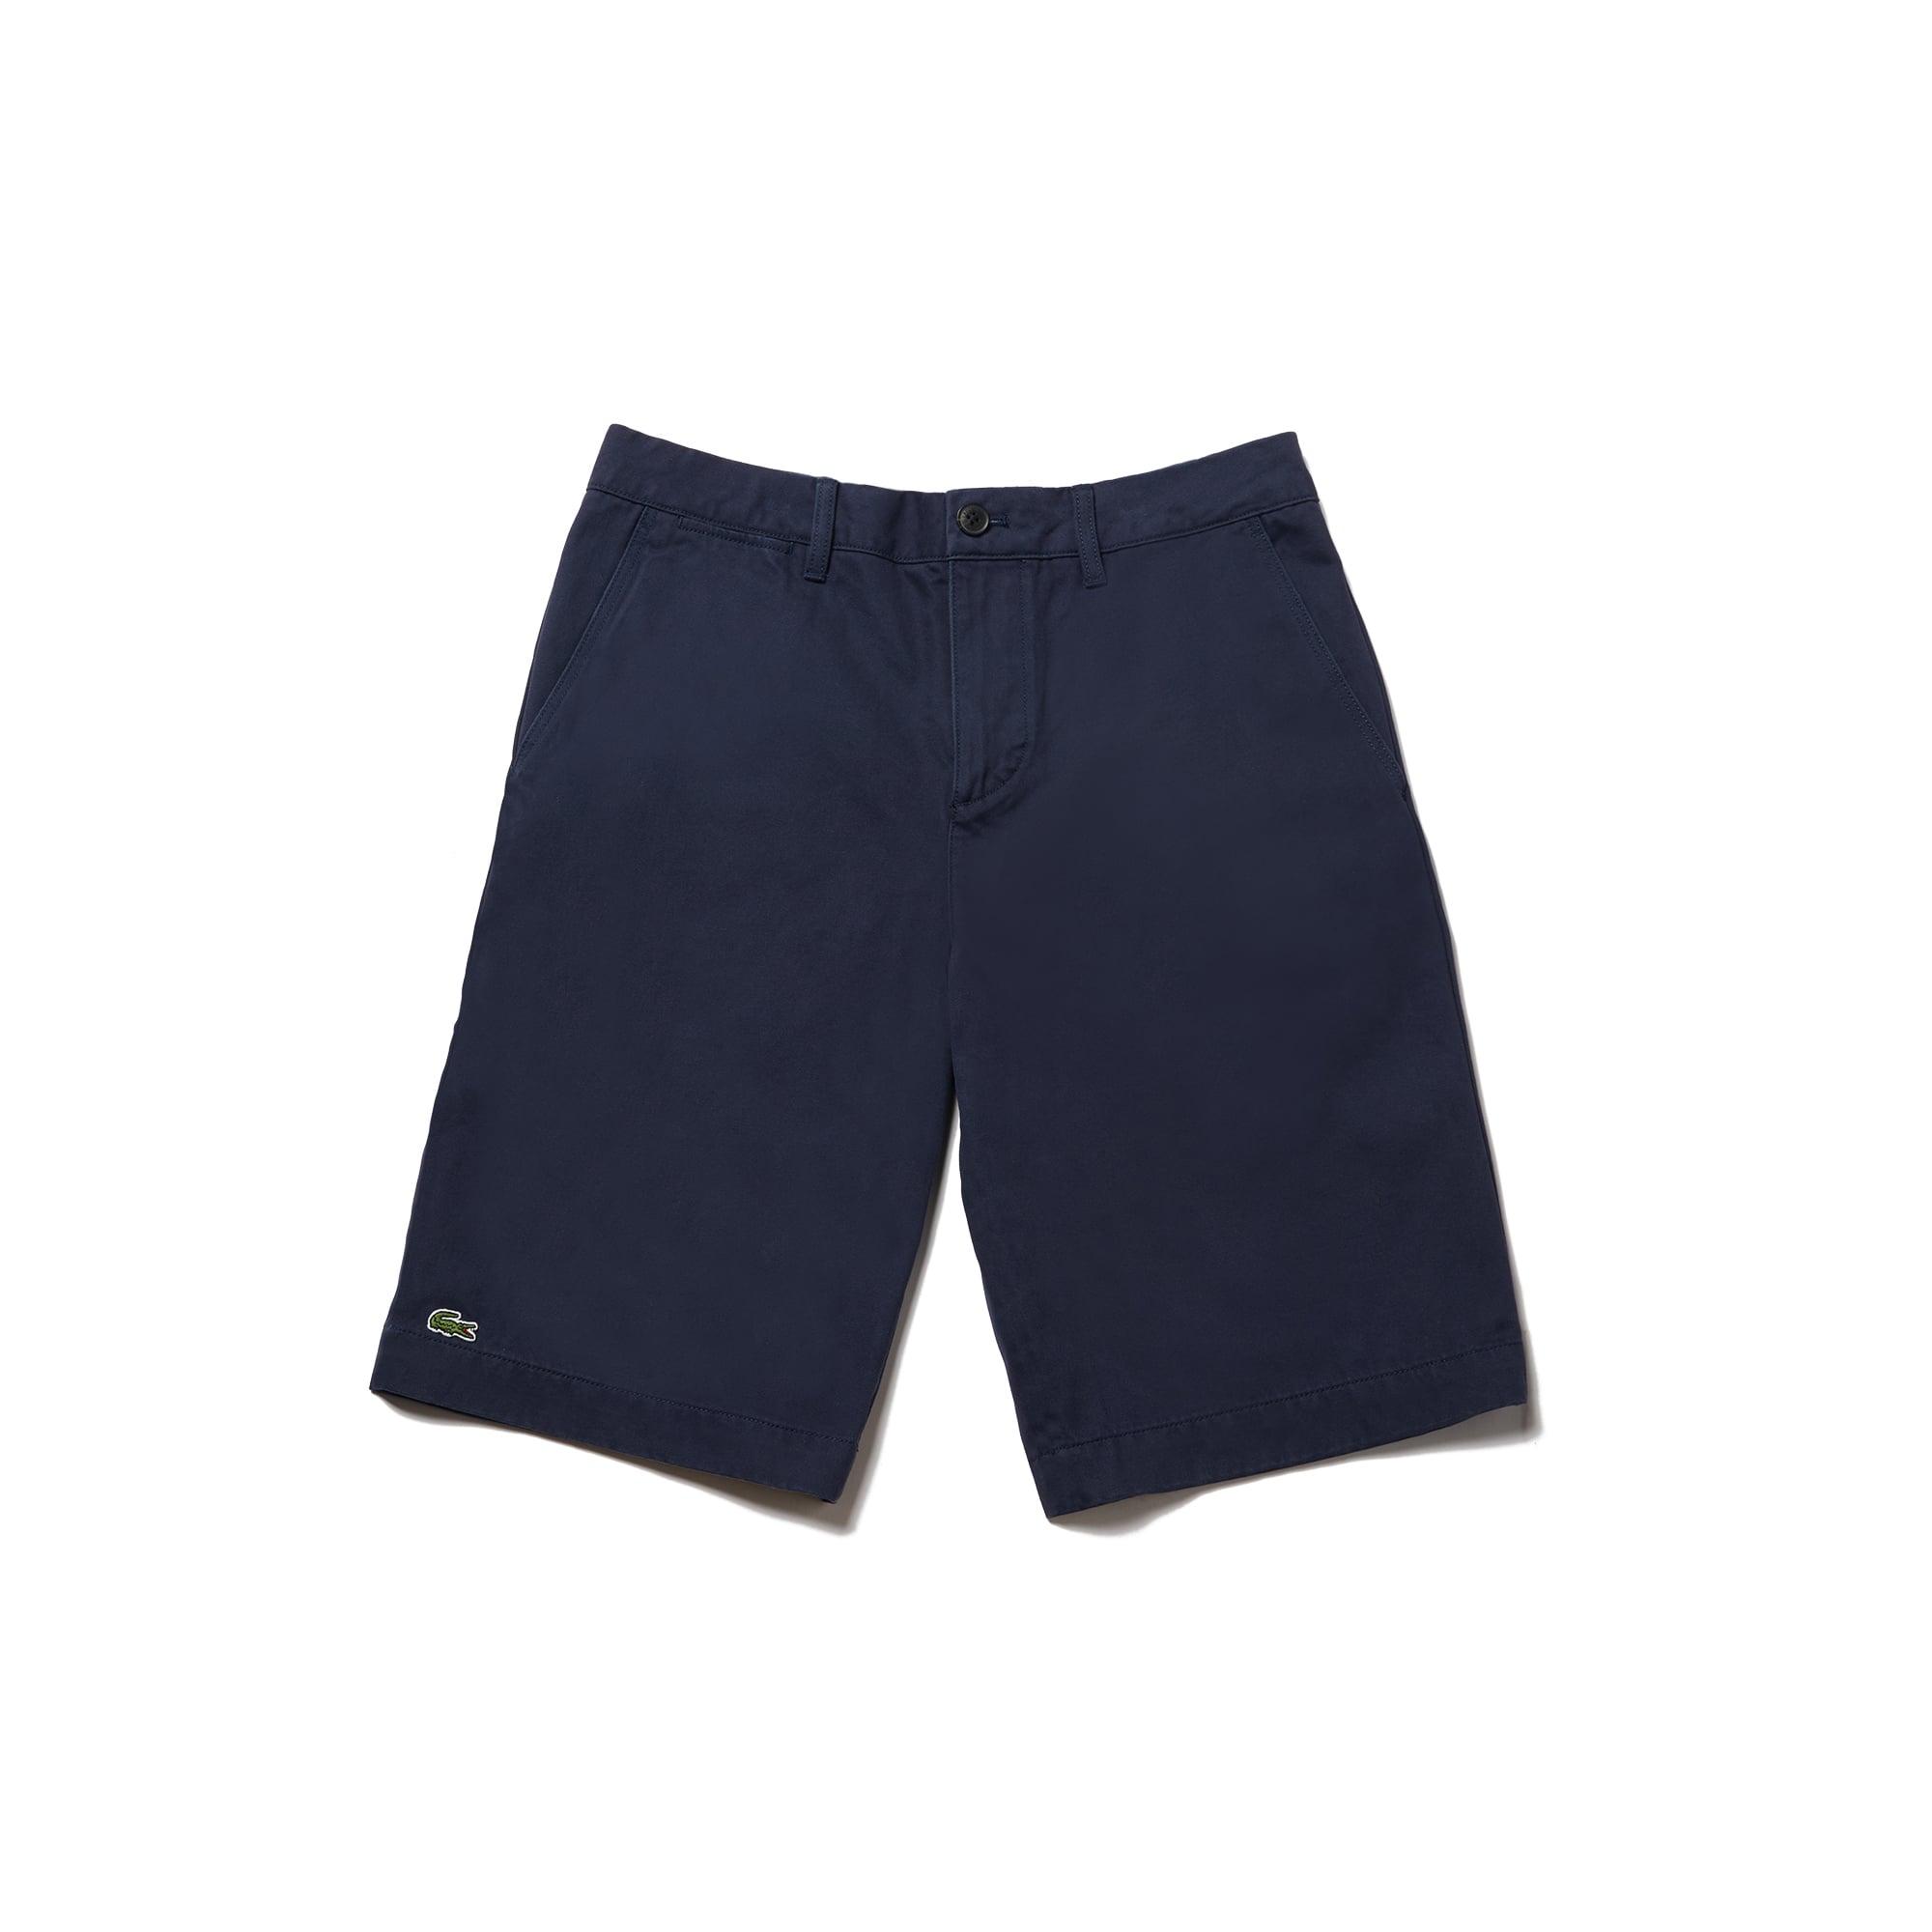 라코스테 Lacoste Mens Regular Fit Bermuda Shorts,navy blue